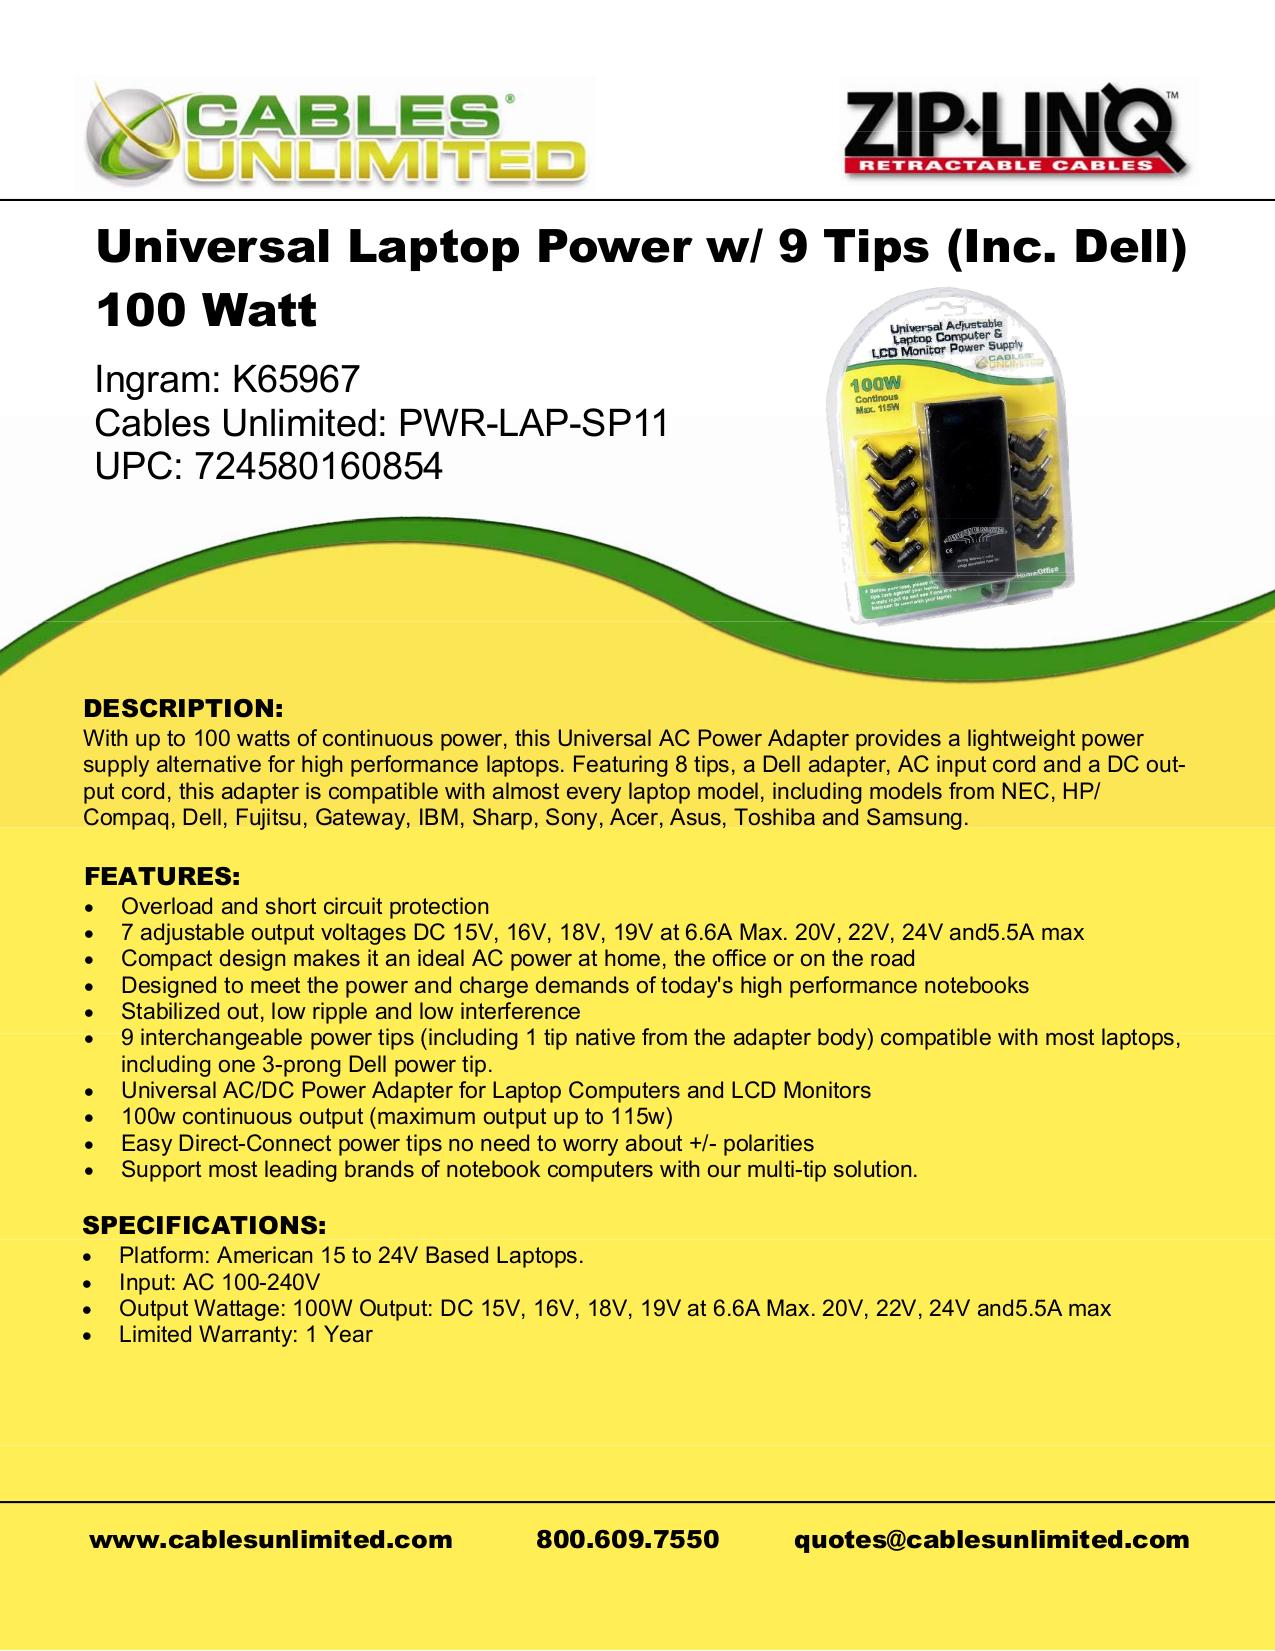 download free pdf for toshiba satellite 1130 s155 laptop manual rh umlib com Toshiba Satellite Laptop Service Manual Toshiba Satellite Service Manual